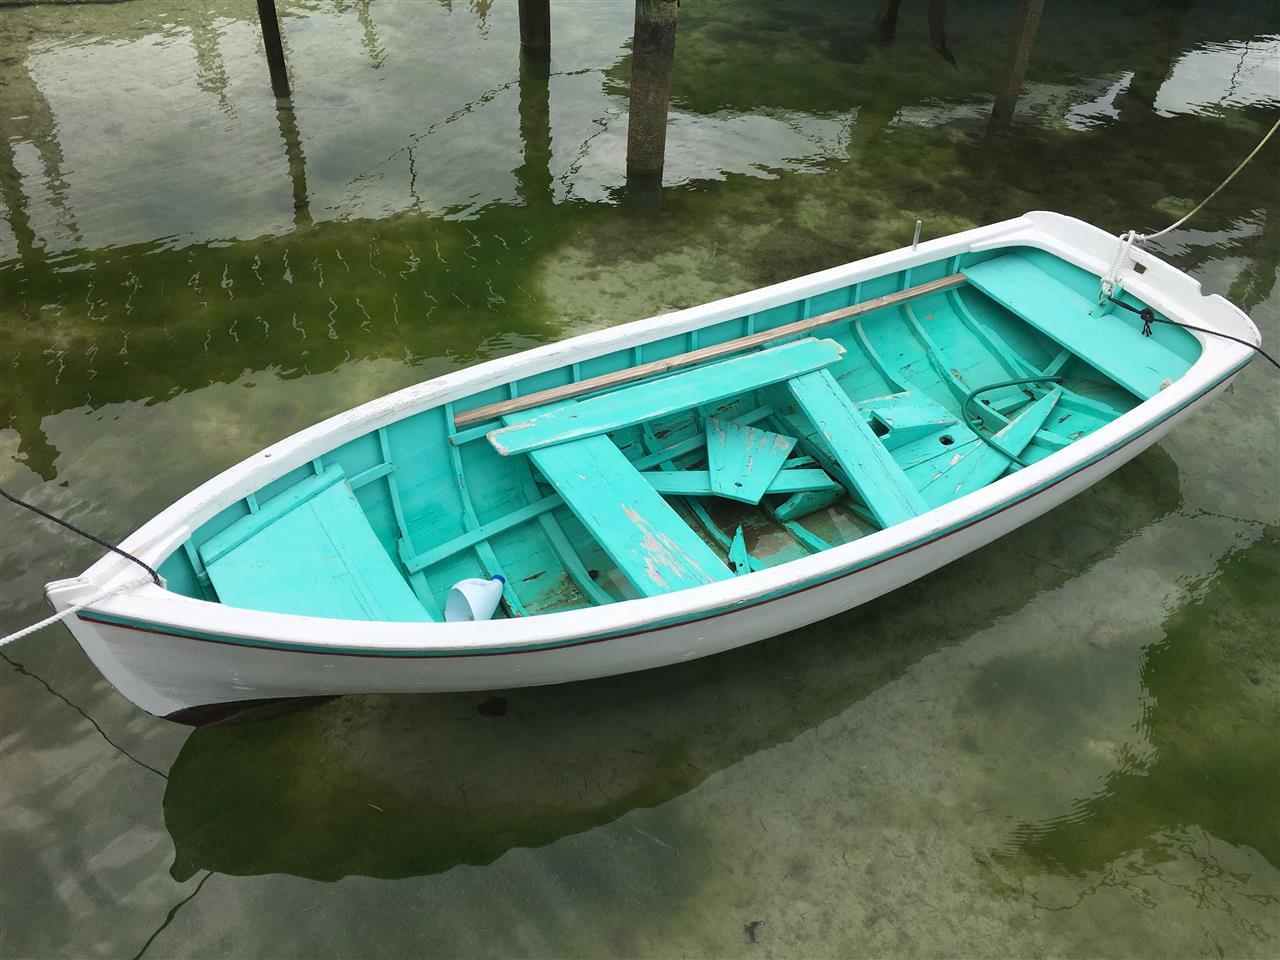 Elbow Cay, Abaco, Bahamas